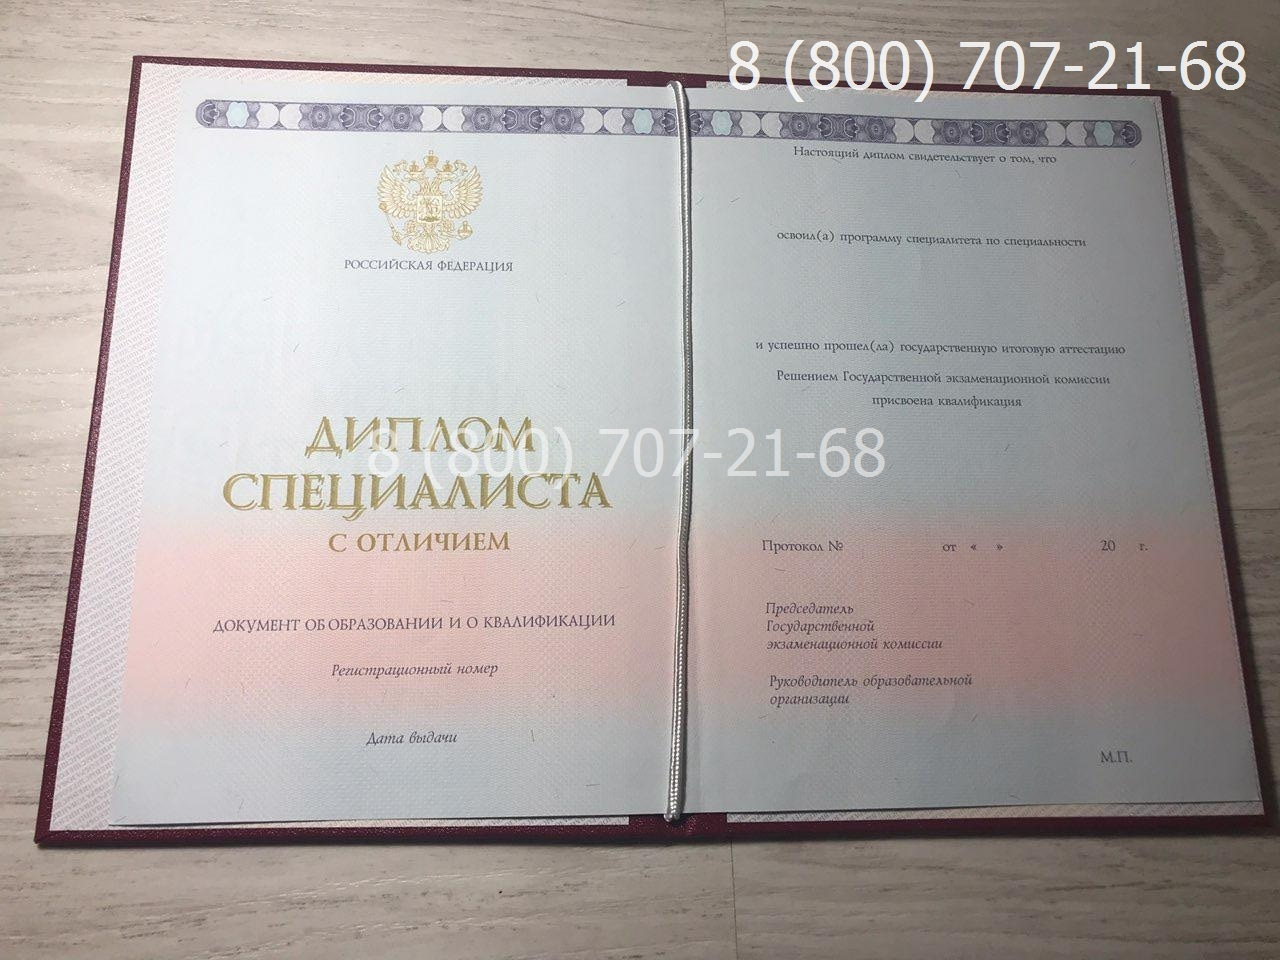 Диплом специалиста с отличием 2014-2019 года фото 1